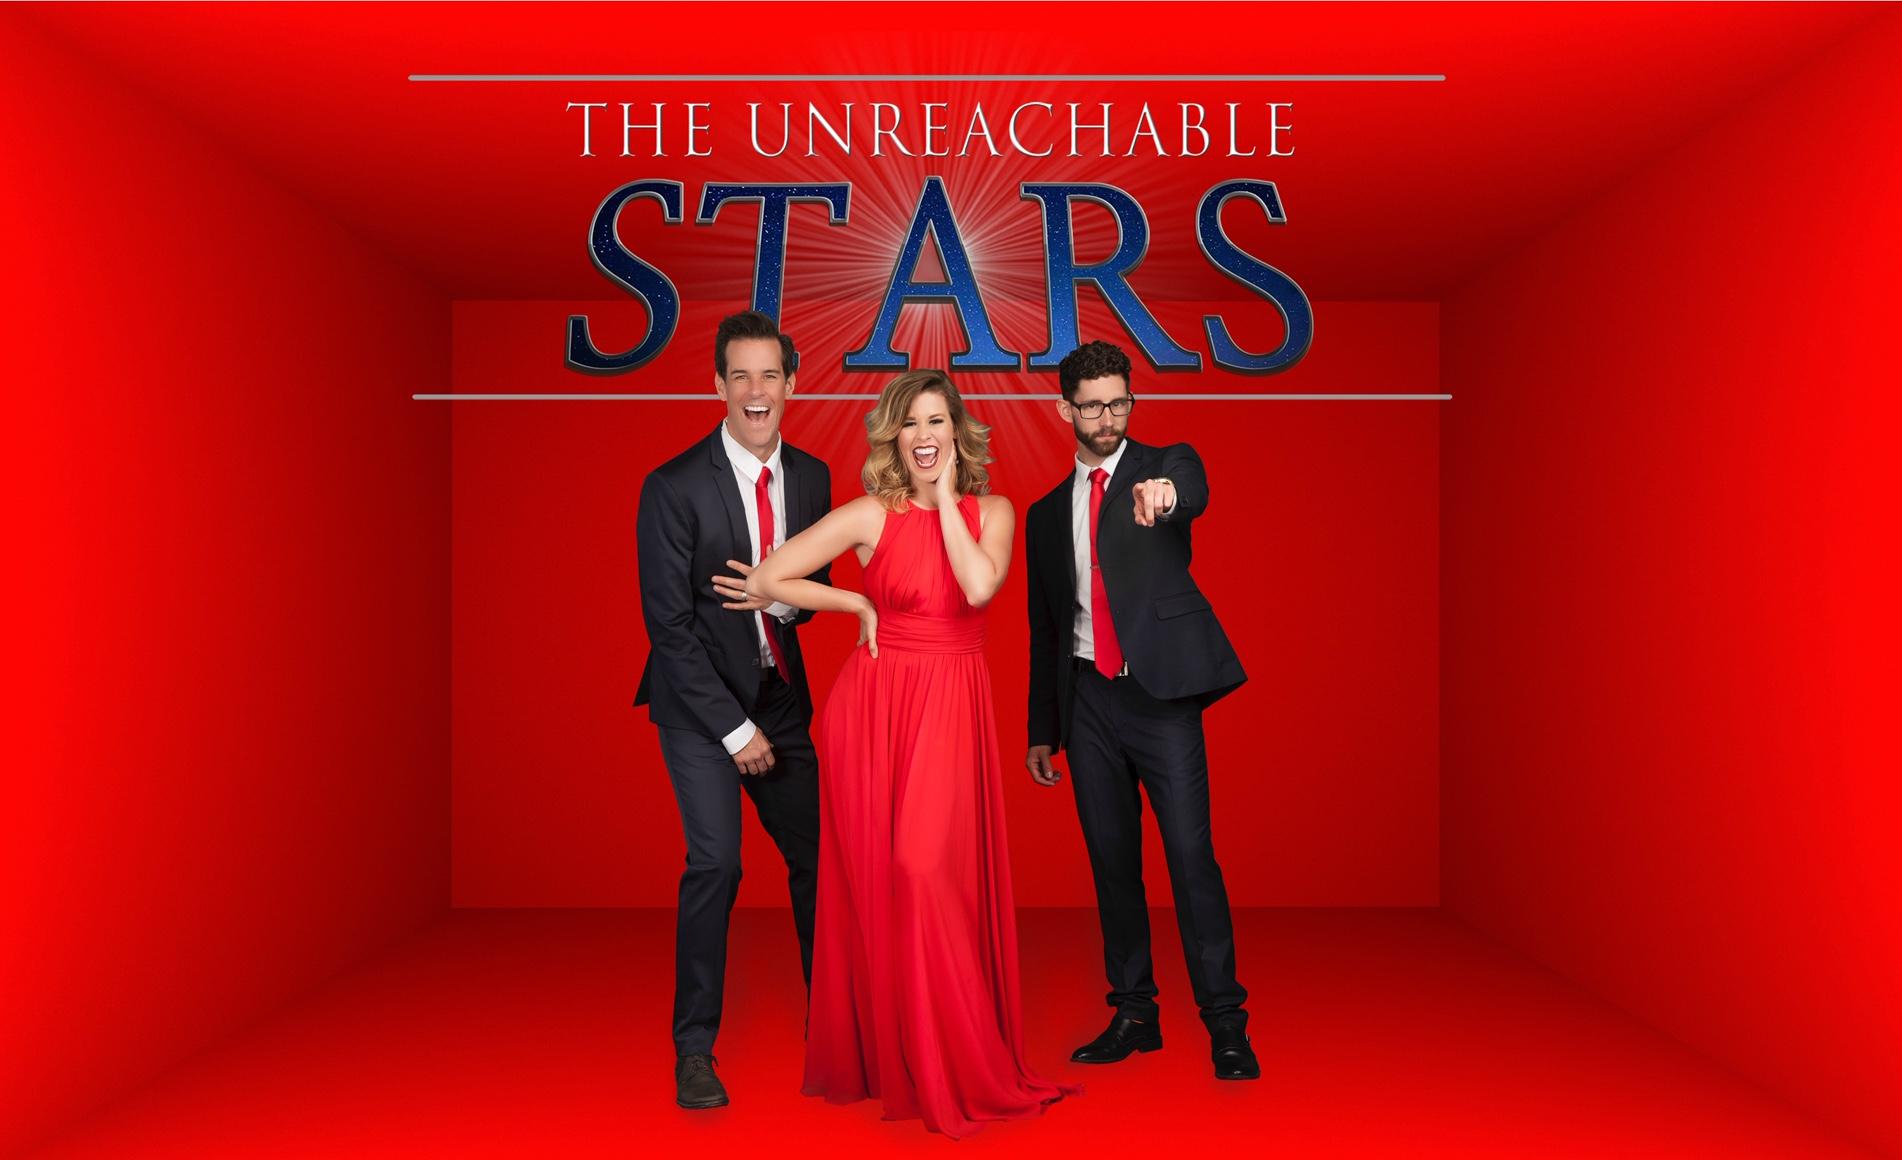 The Unreachable Stars